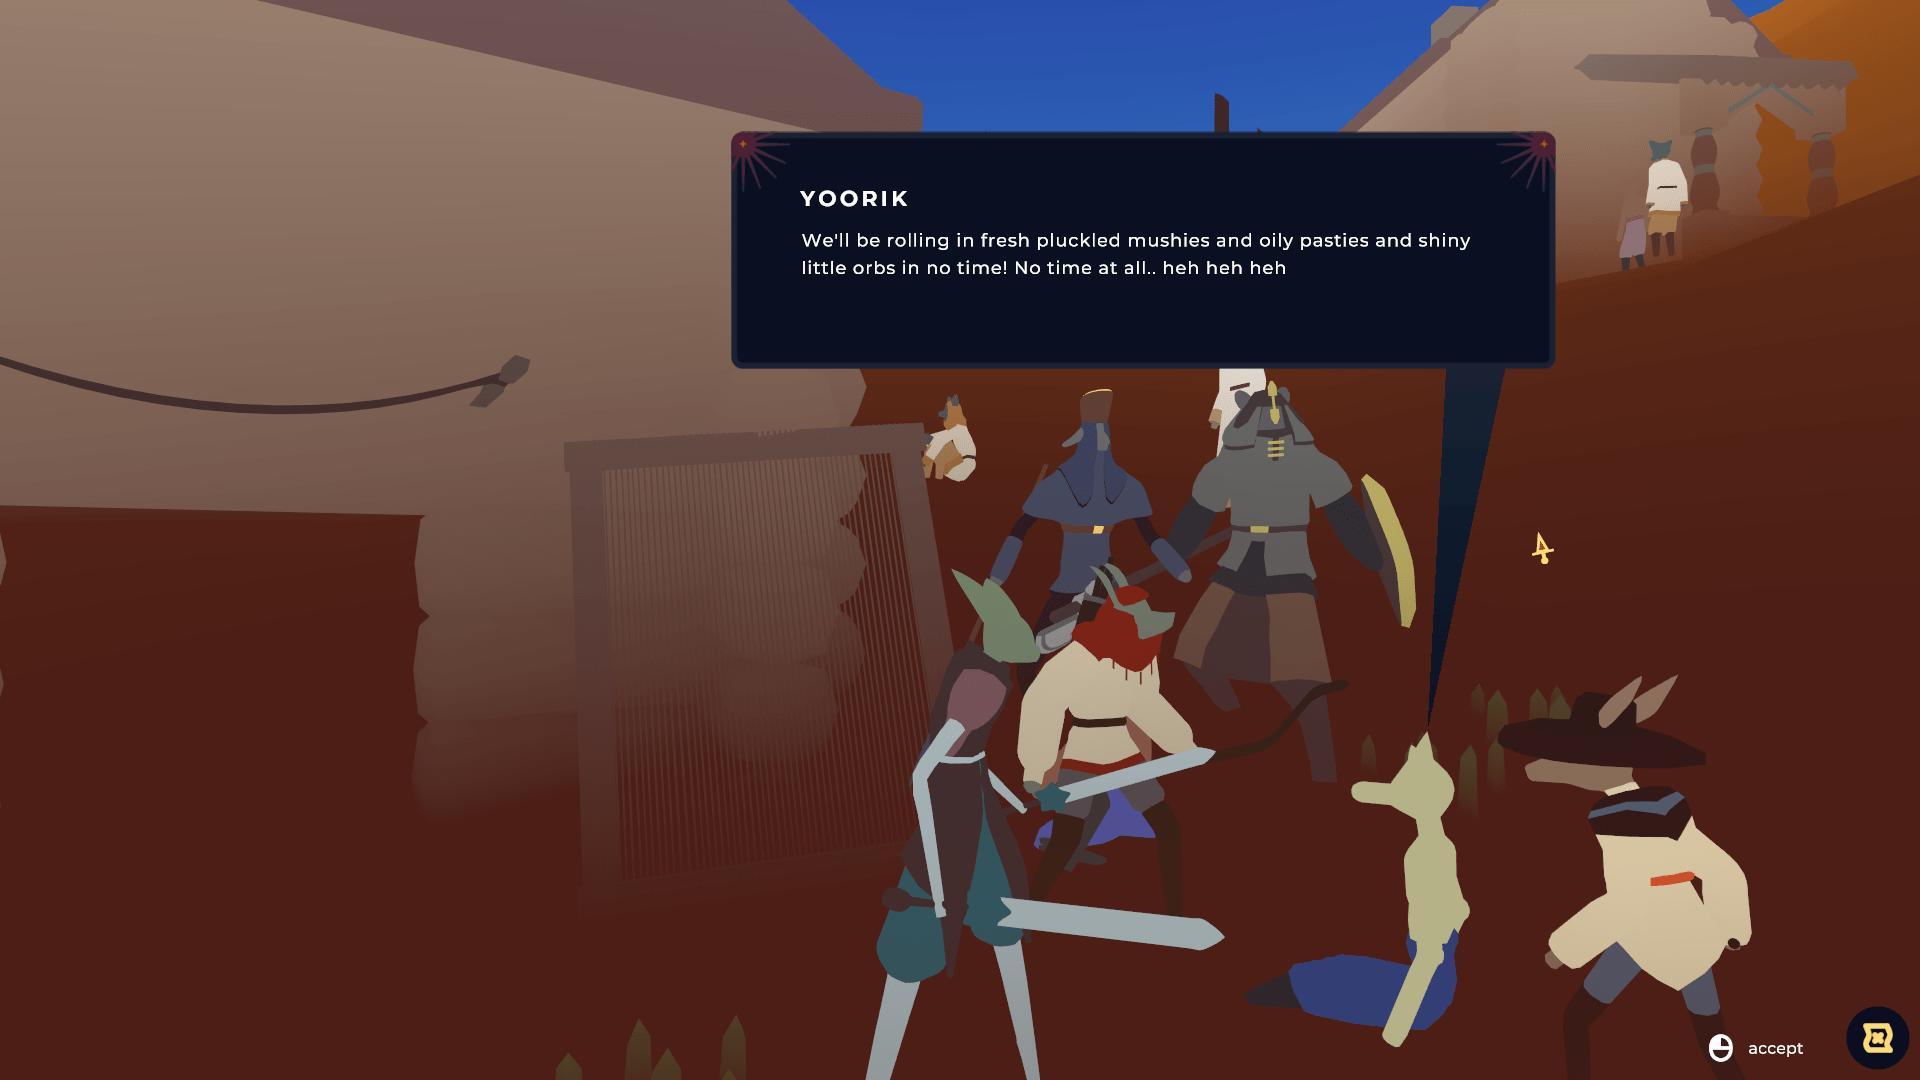 Amusing dialogue